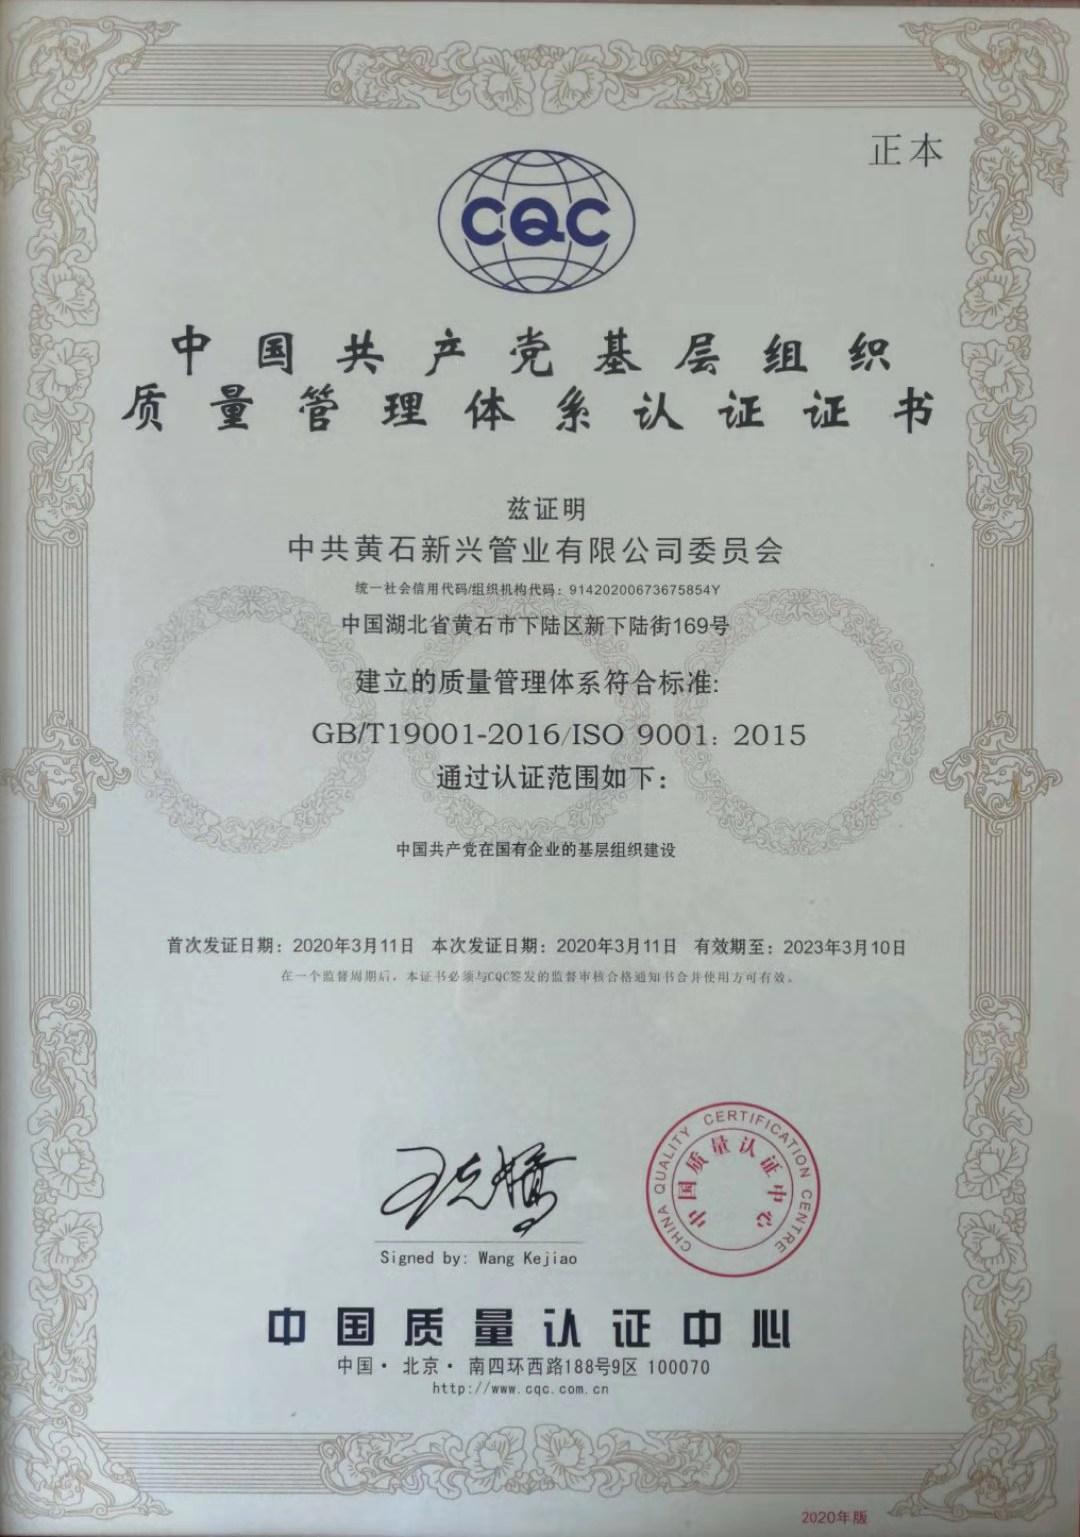 党建质量认证证书正副本 (1)